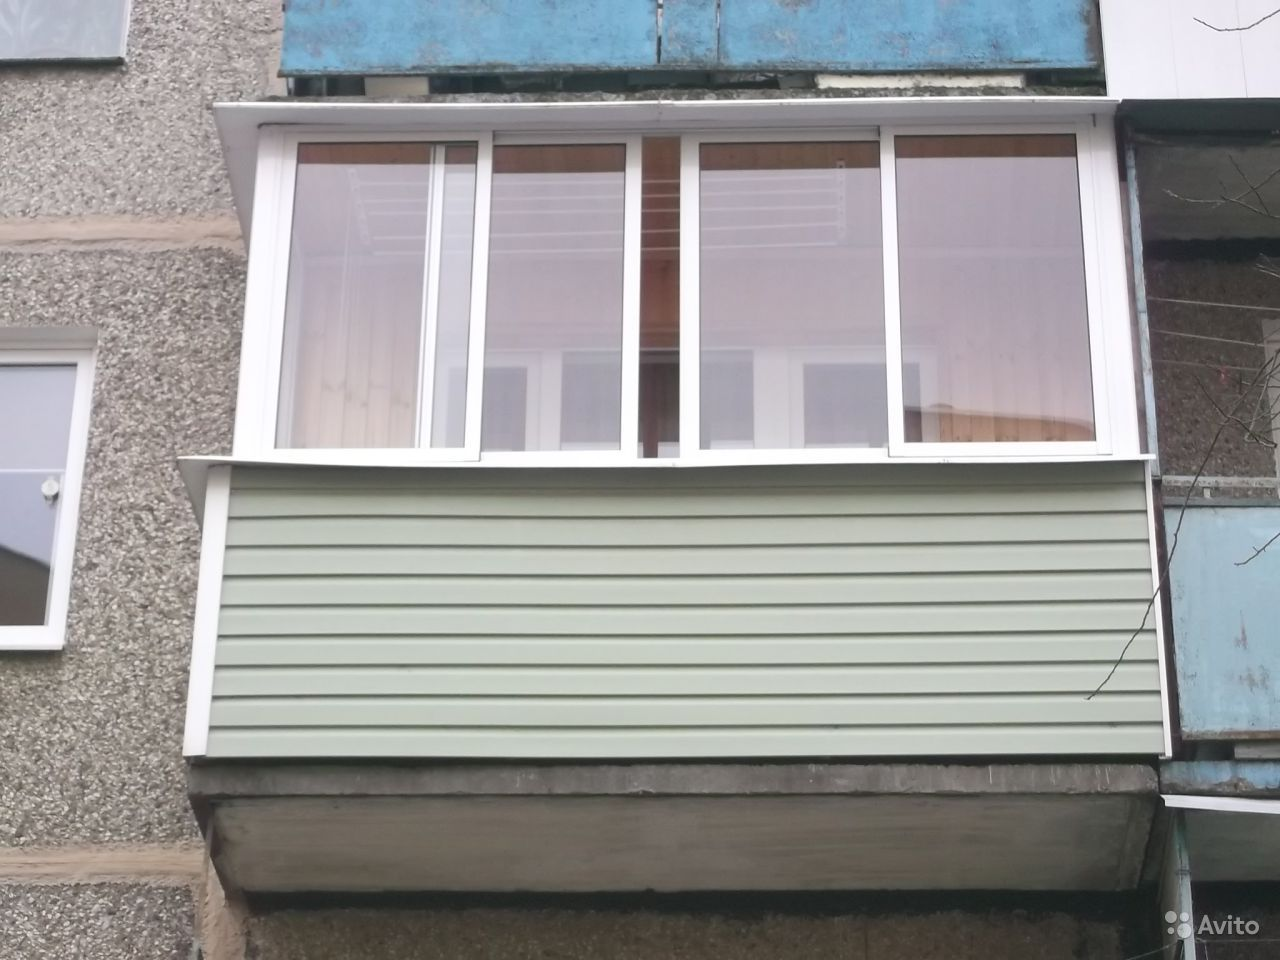 Обшивка балкона сайдингом снаружи: фотоинструкции и видео.